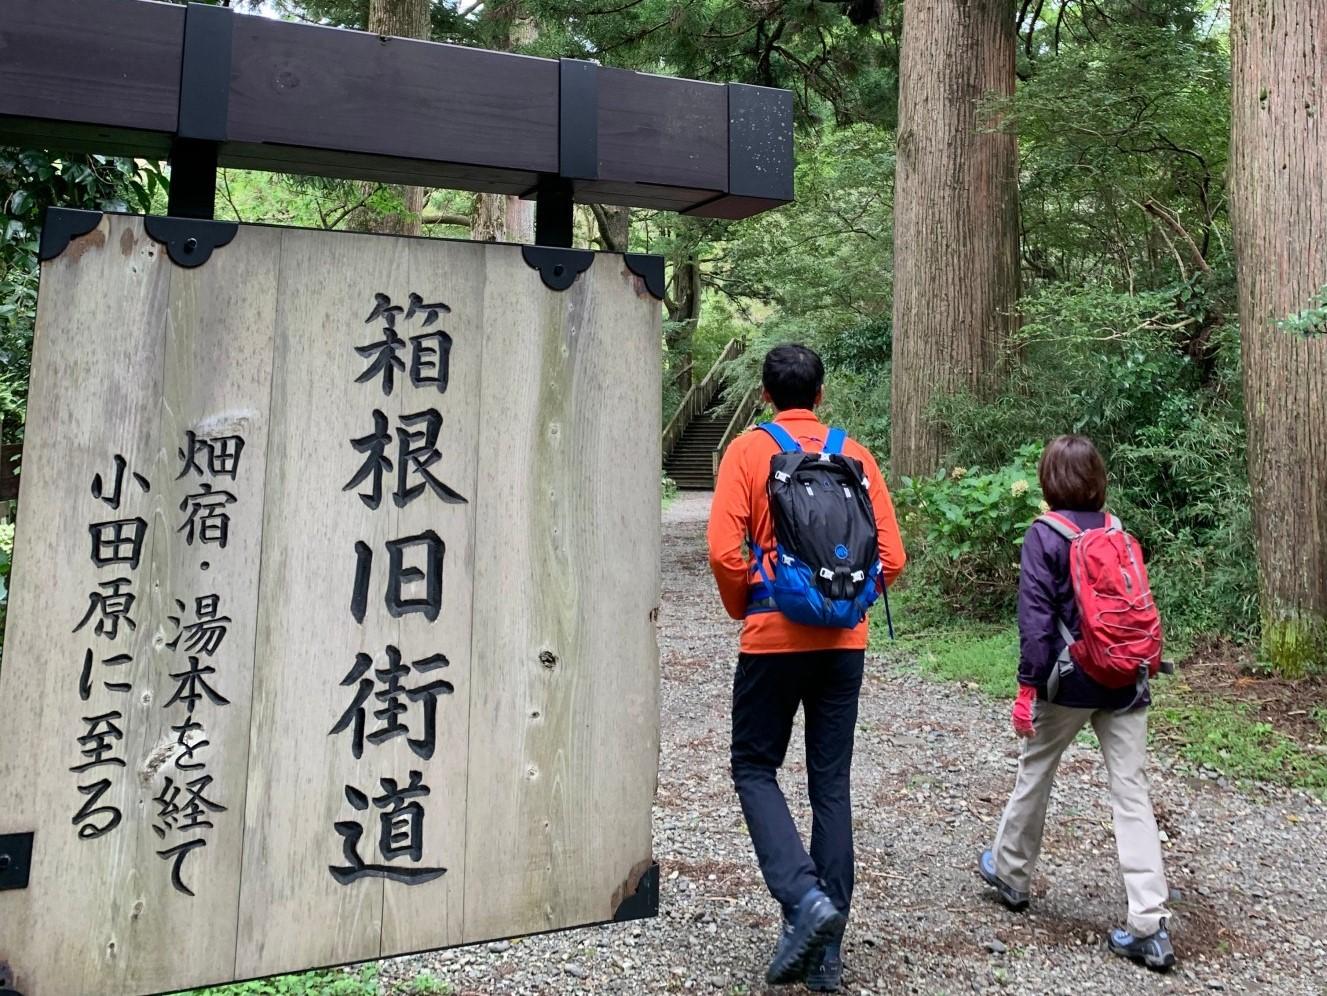 【特別企画】箱根の歴史古道を辿るゆったりハイキング 3日間